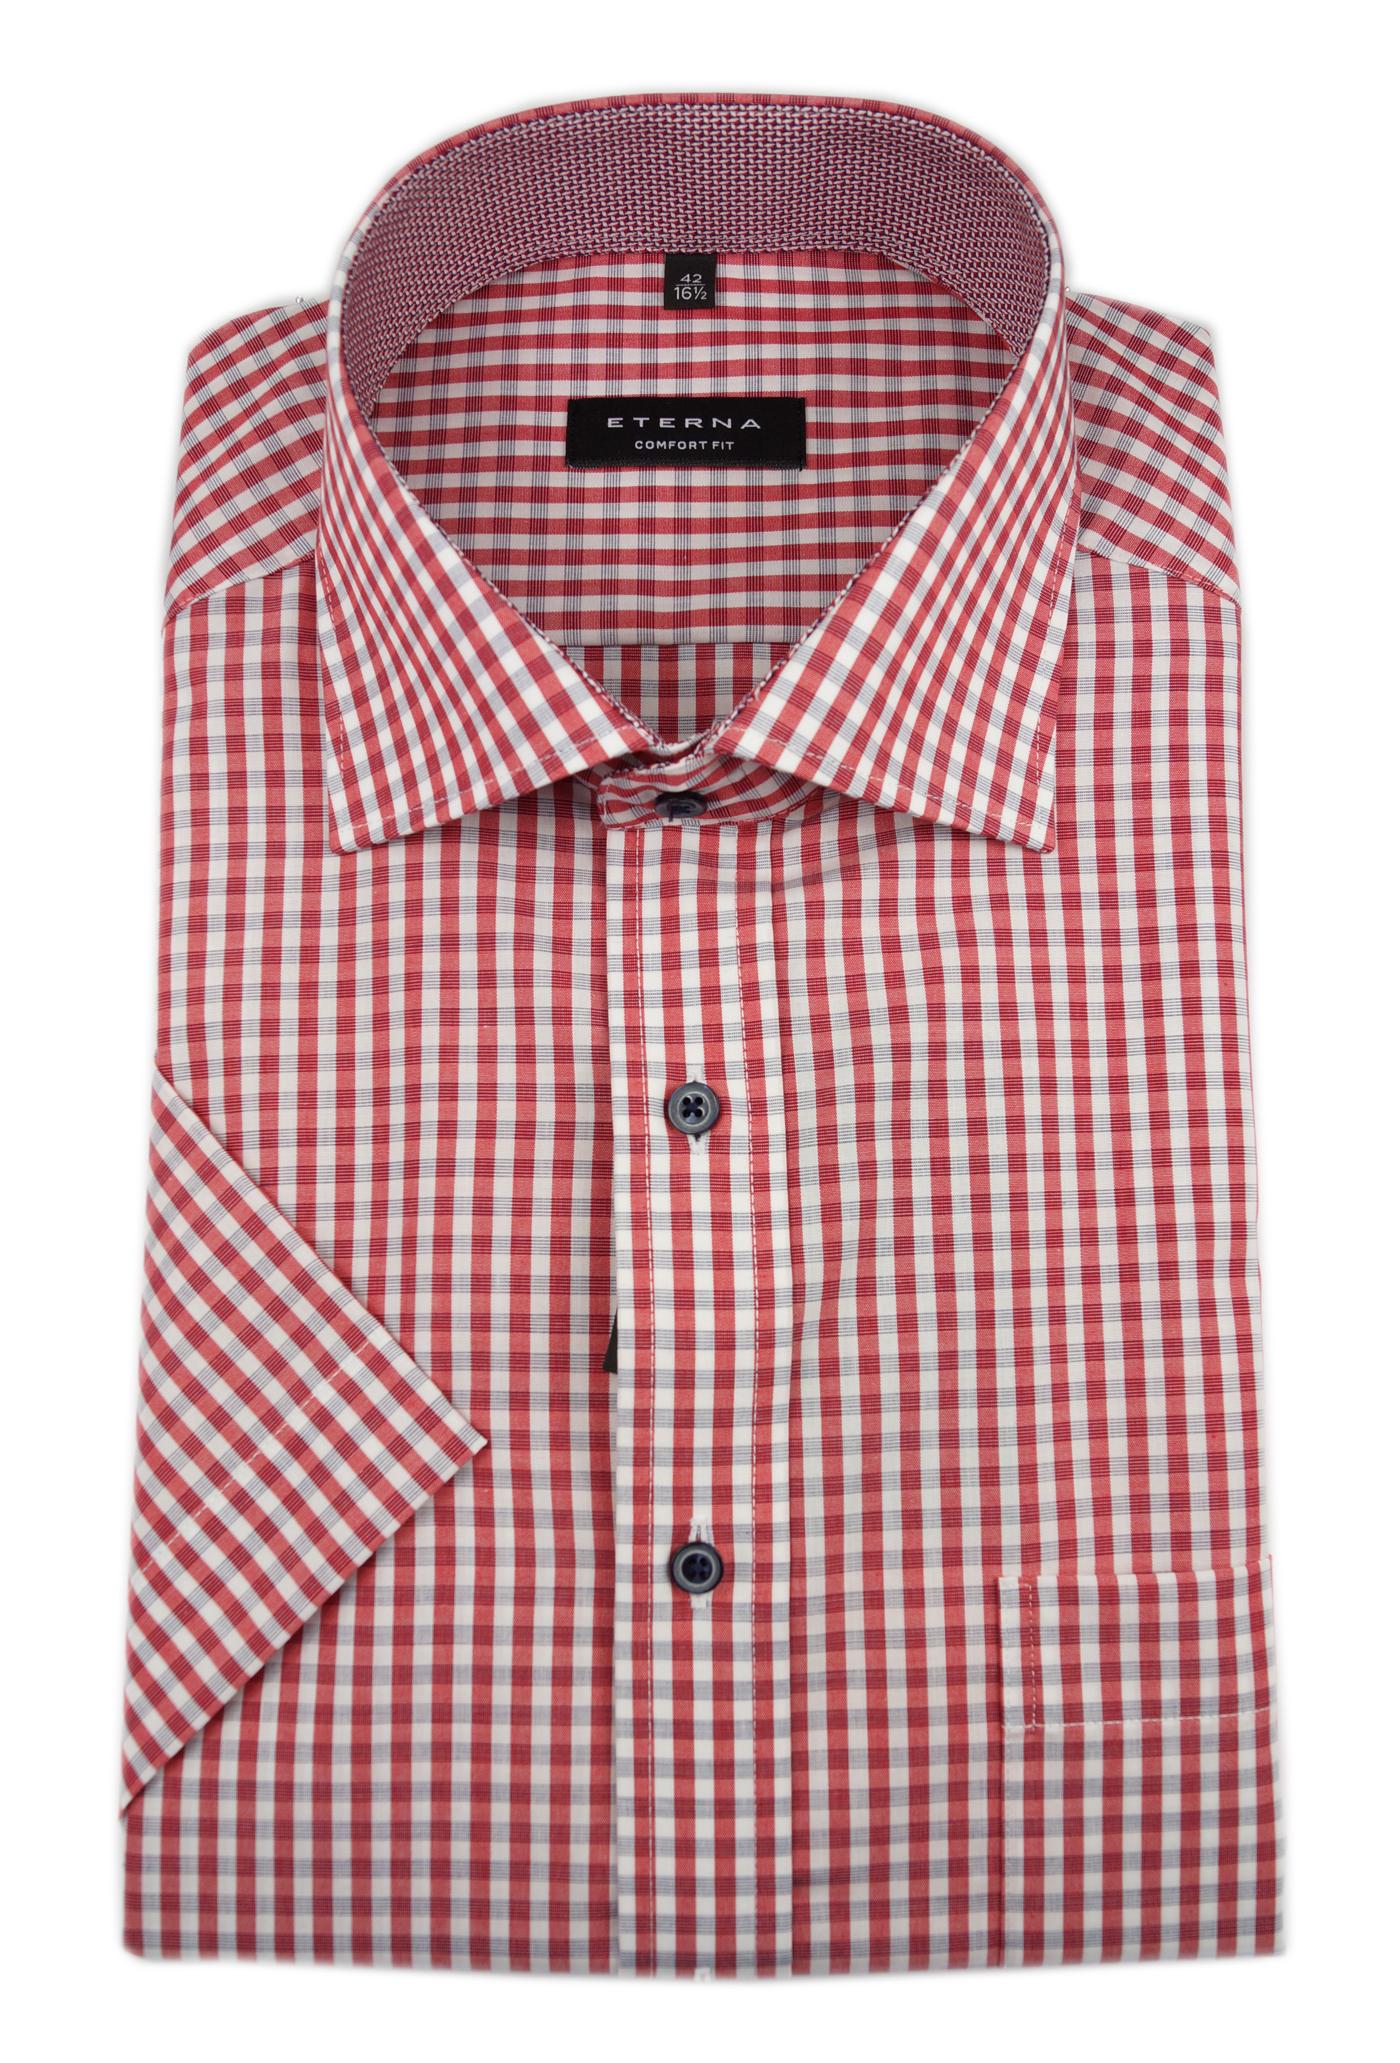 Aspirante Eterna Calzini Business Camicia Maniche Corte Comfort Fit Kent A Quadri Patch 3714.54.k147-